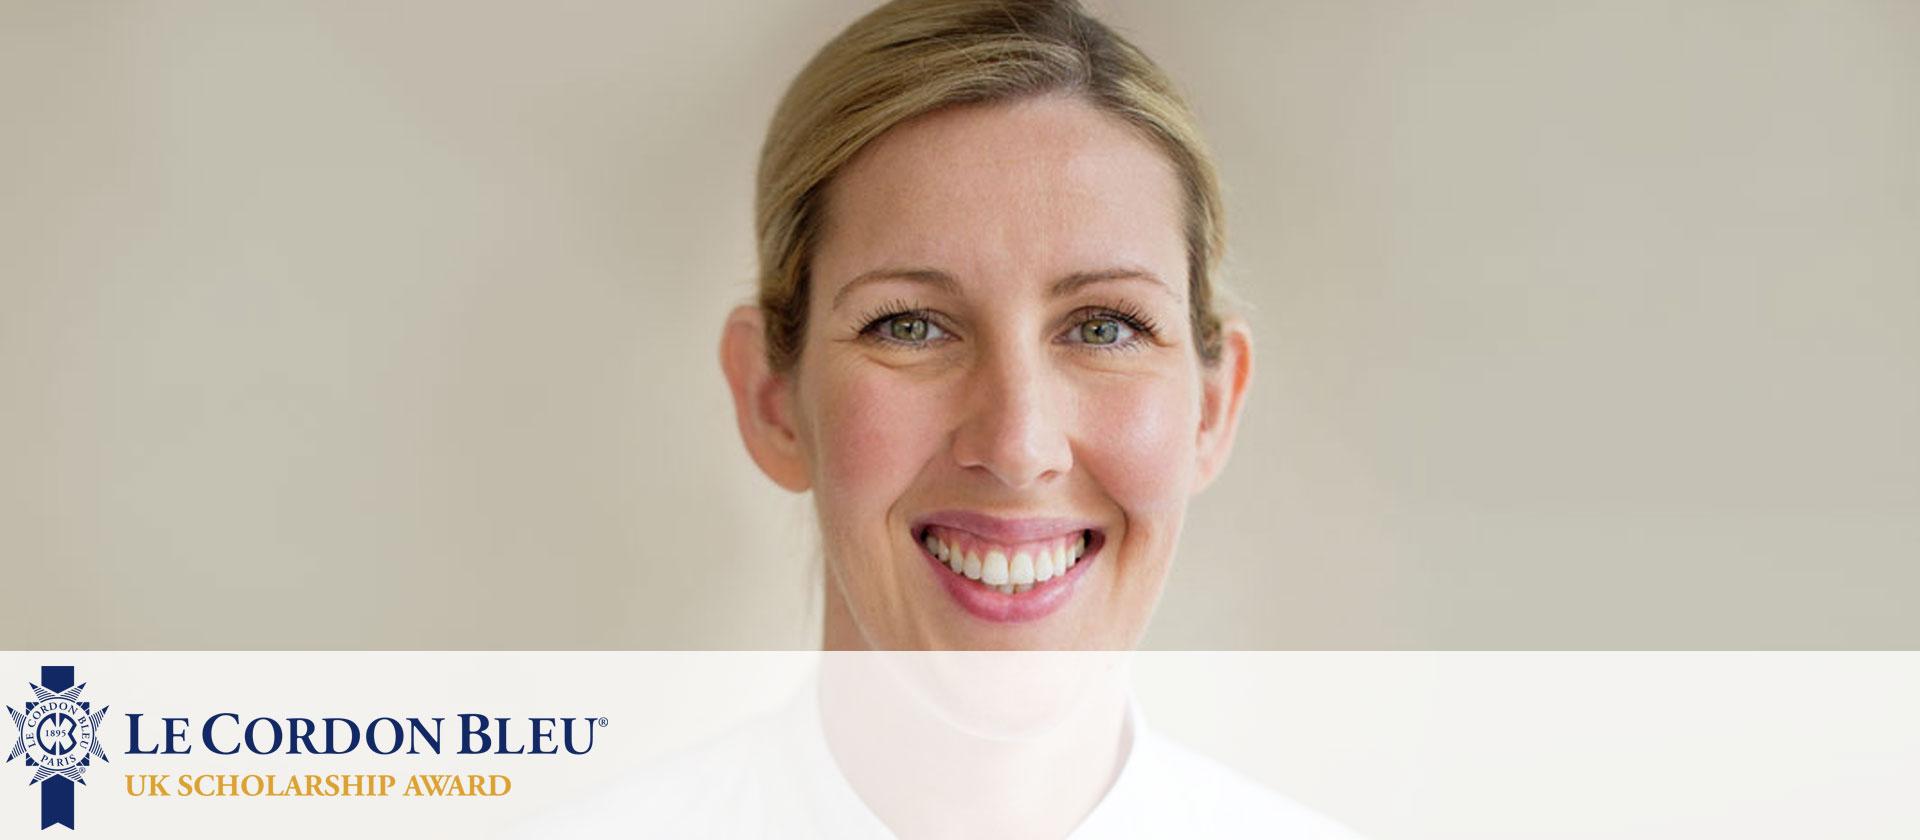 Marketing Eye Marketing Consulting Agency Uk Scholarship Award 2016 Chef Clare Smyth Mbe Le Cordon